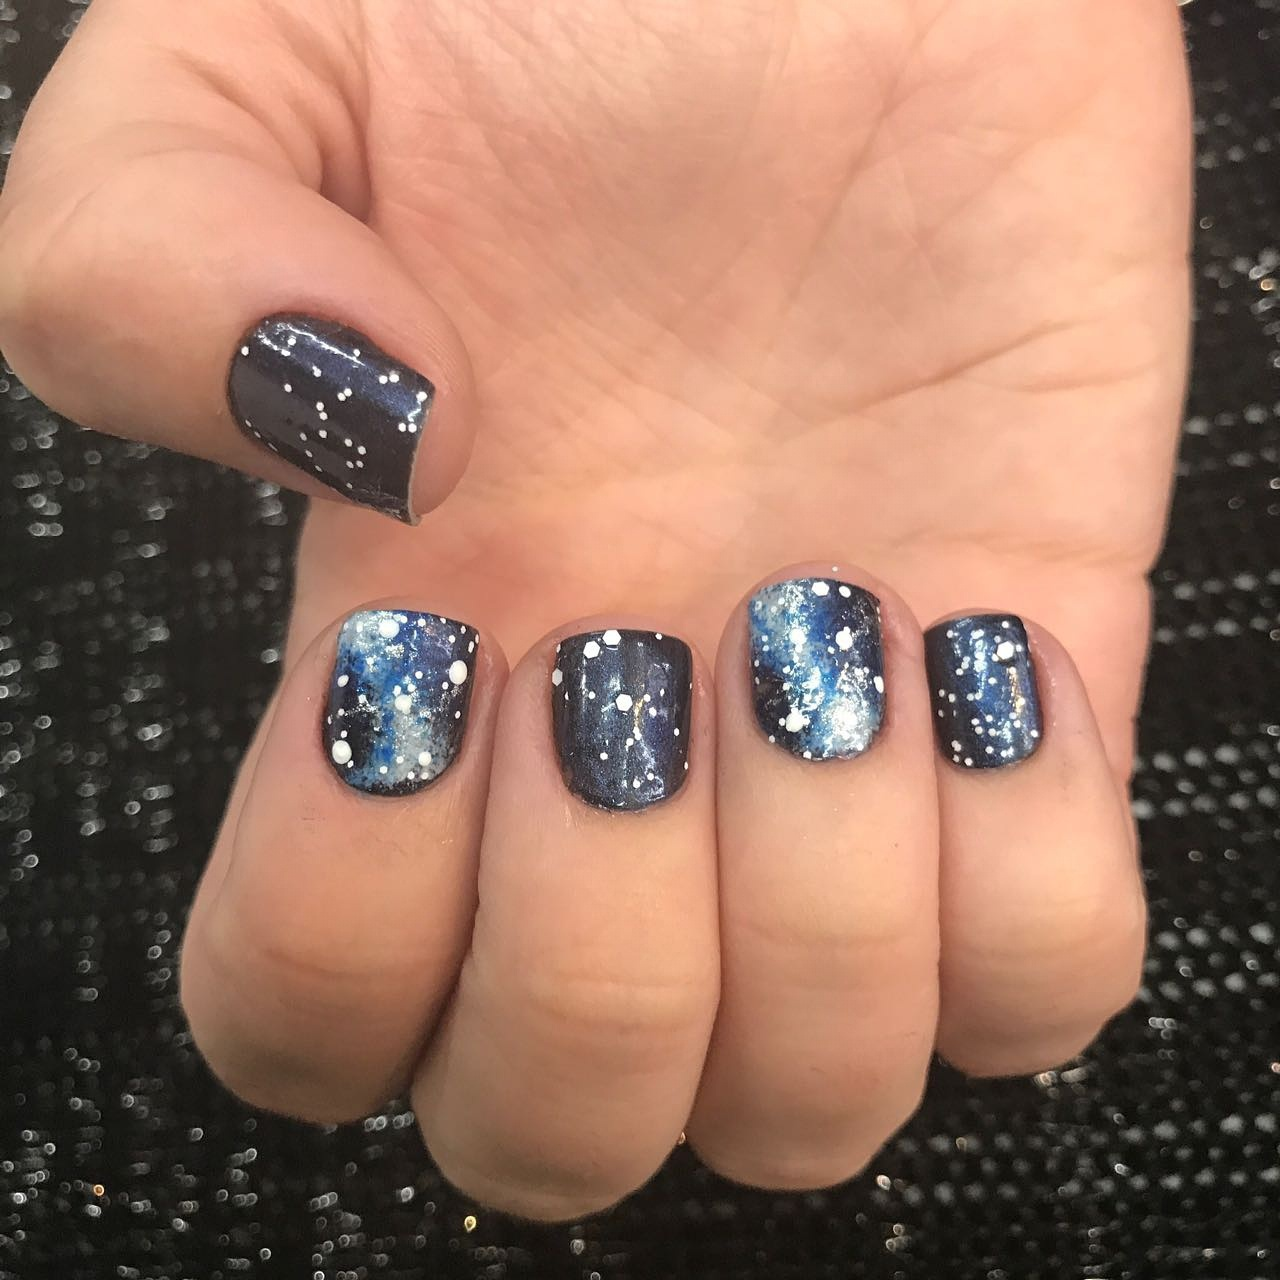 Galaxy Nail! #nails #diva #luxury #myjob #unhas #universofeminino #beleza #loucasporesmaltes #lovenailart #nails #nailsart #unhasdecoradas #unhas #unhasdediva #myjob #manicure #naildesign #lovenails #unhasgalaxia #galaxynails #unhas #crazynails unha manicure e pedicure